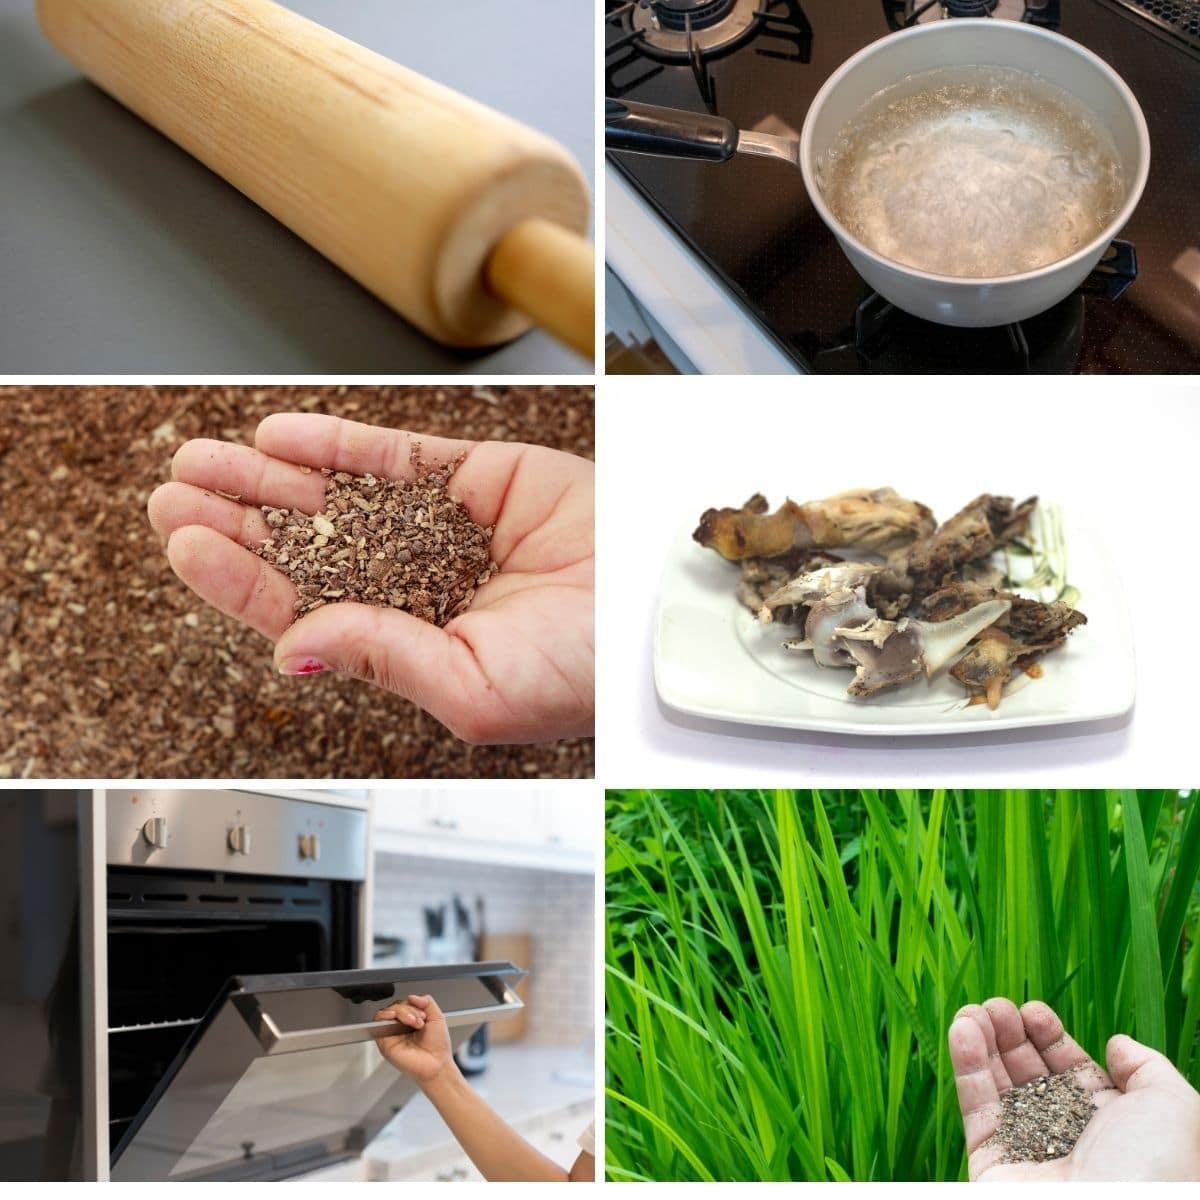 Images demonstrating steps to make bone meal fertilizer.